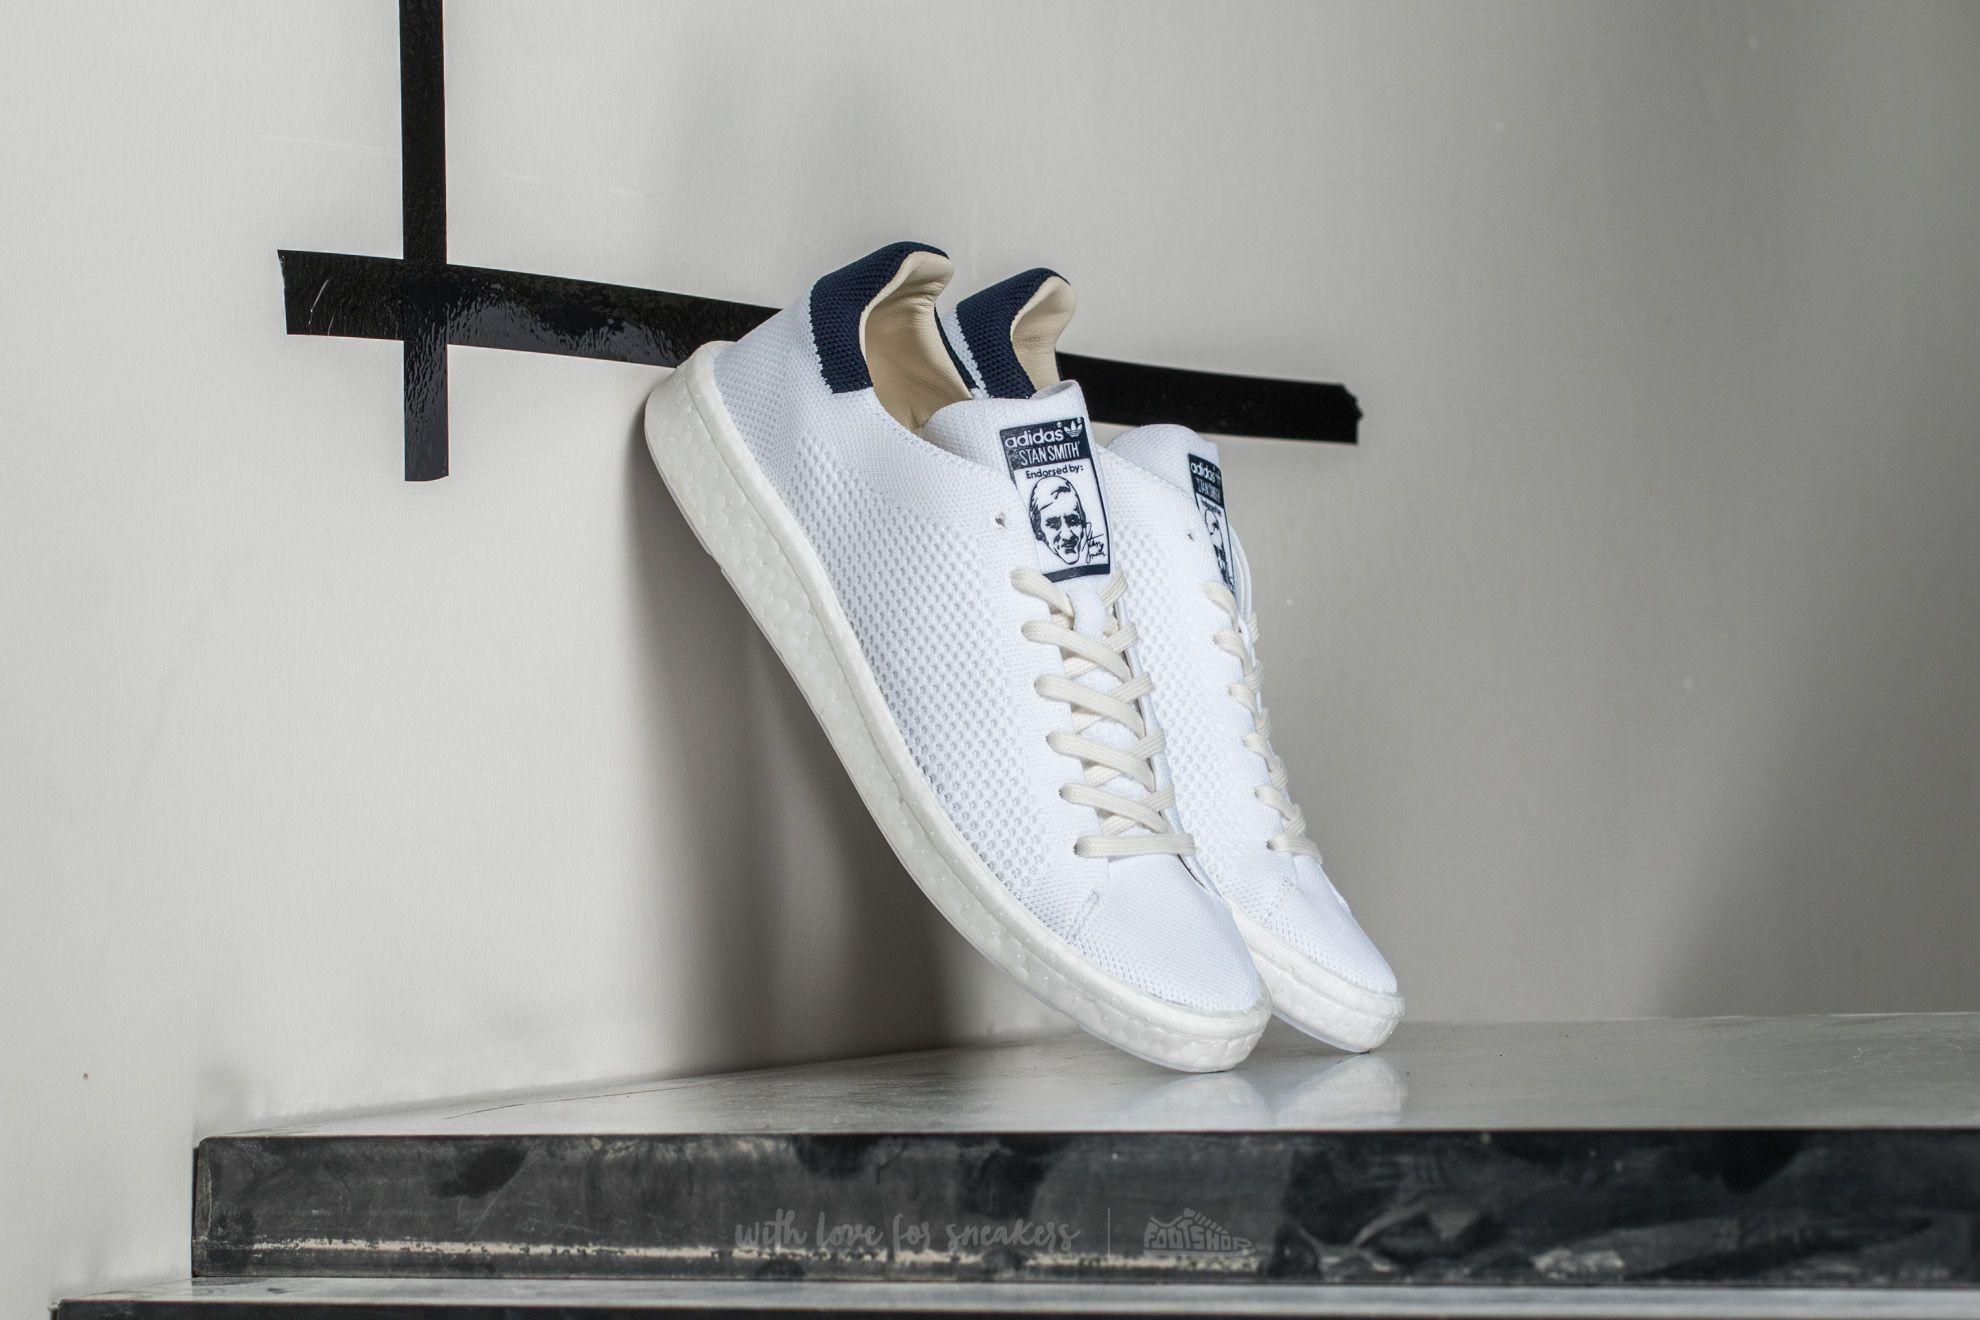 13e60f275f0 adidas Stan Smith Primeknit Ftw White   Ftw White  Core Navy ...